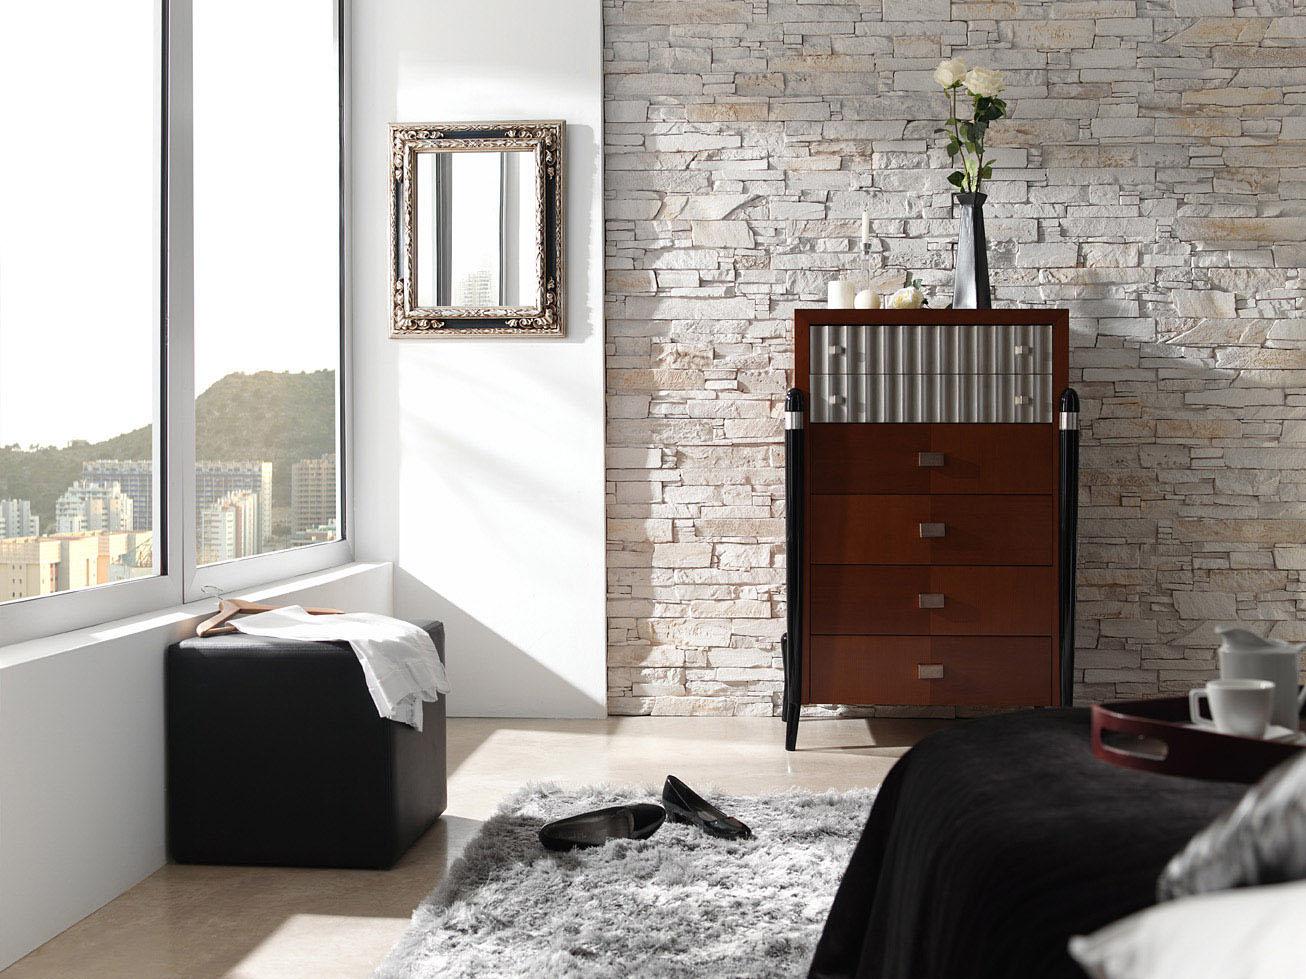 Papeles decorativos y decorative walls - Placas para decorar paredes ...